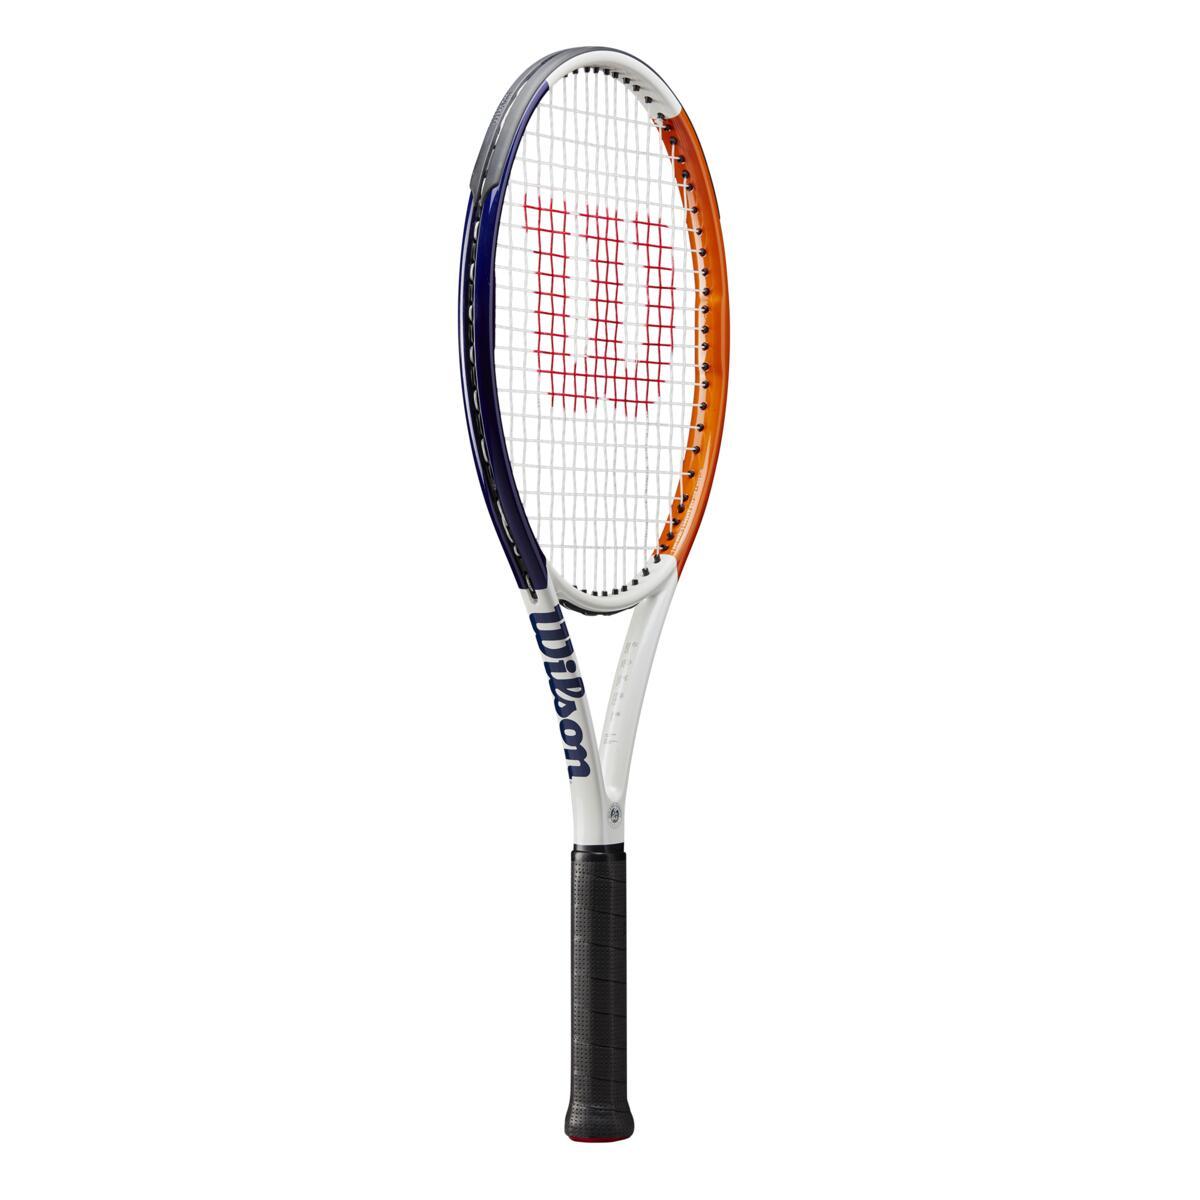 WR030310U_1_Roland_Garros_Team_102_WH_NV_OR.png.cq5dam.web.1200.1200